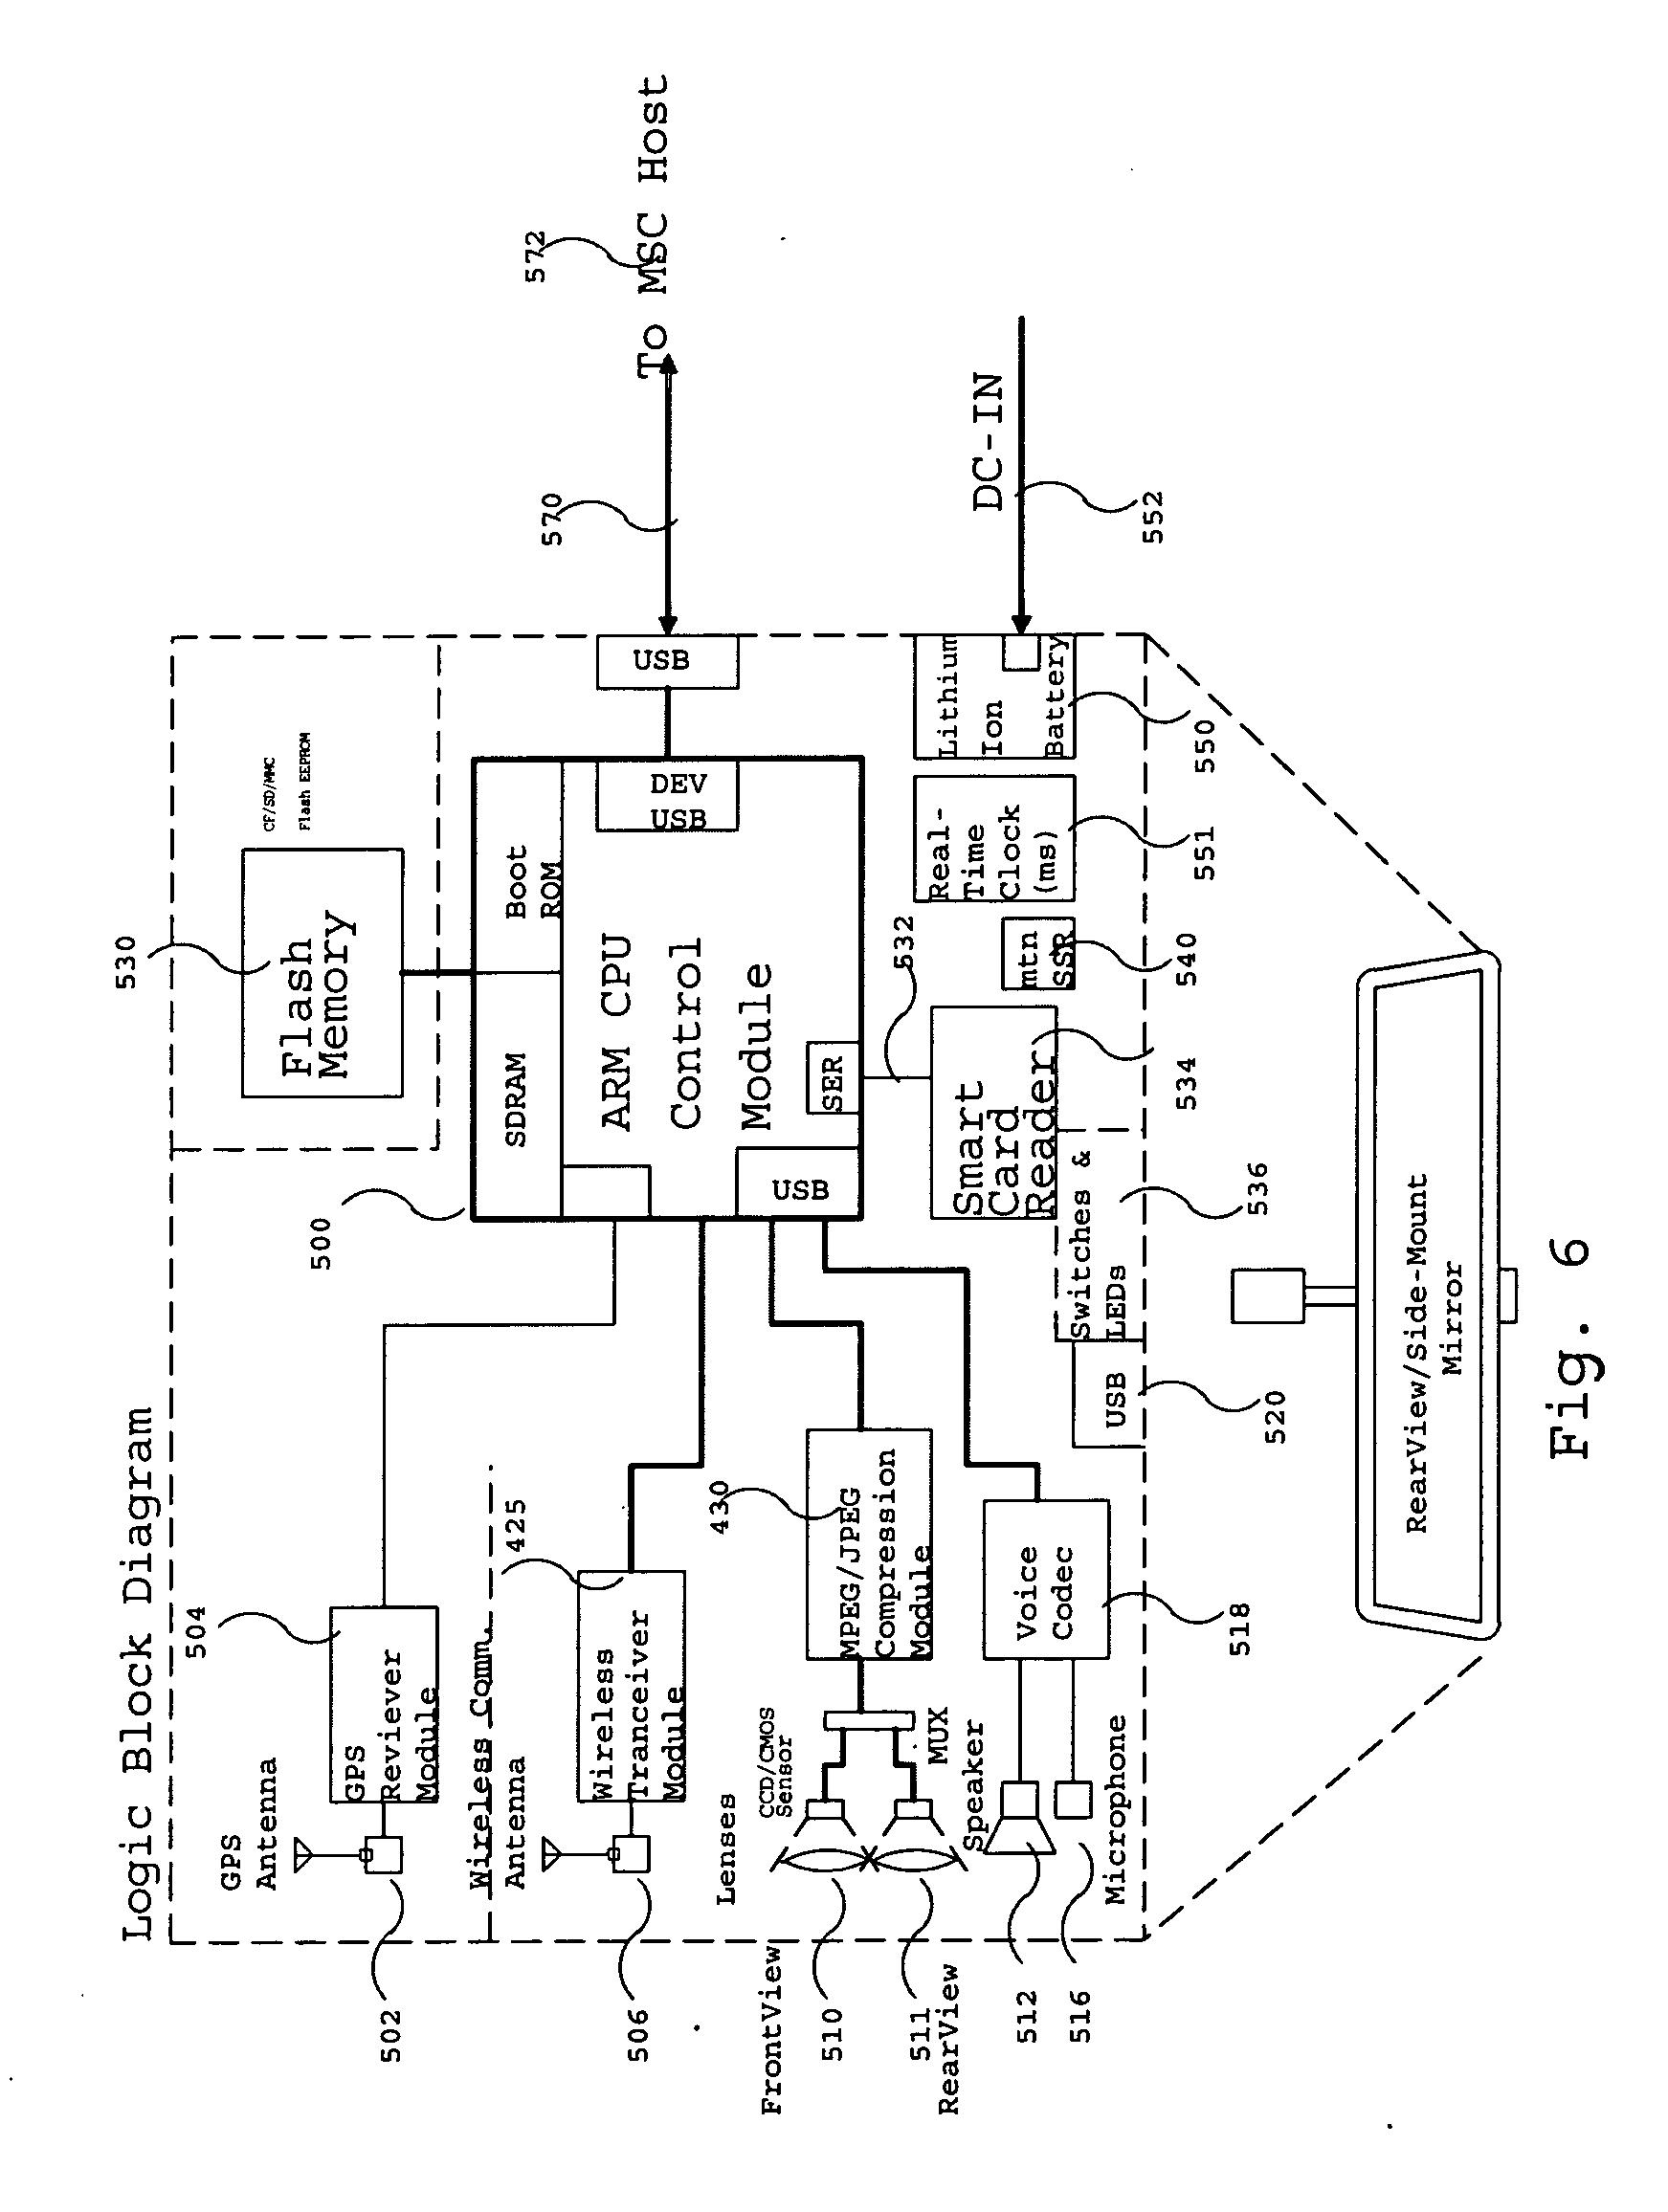 New Era Avr 551 12v Wiring Diagram New Era Voltage